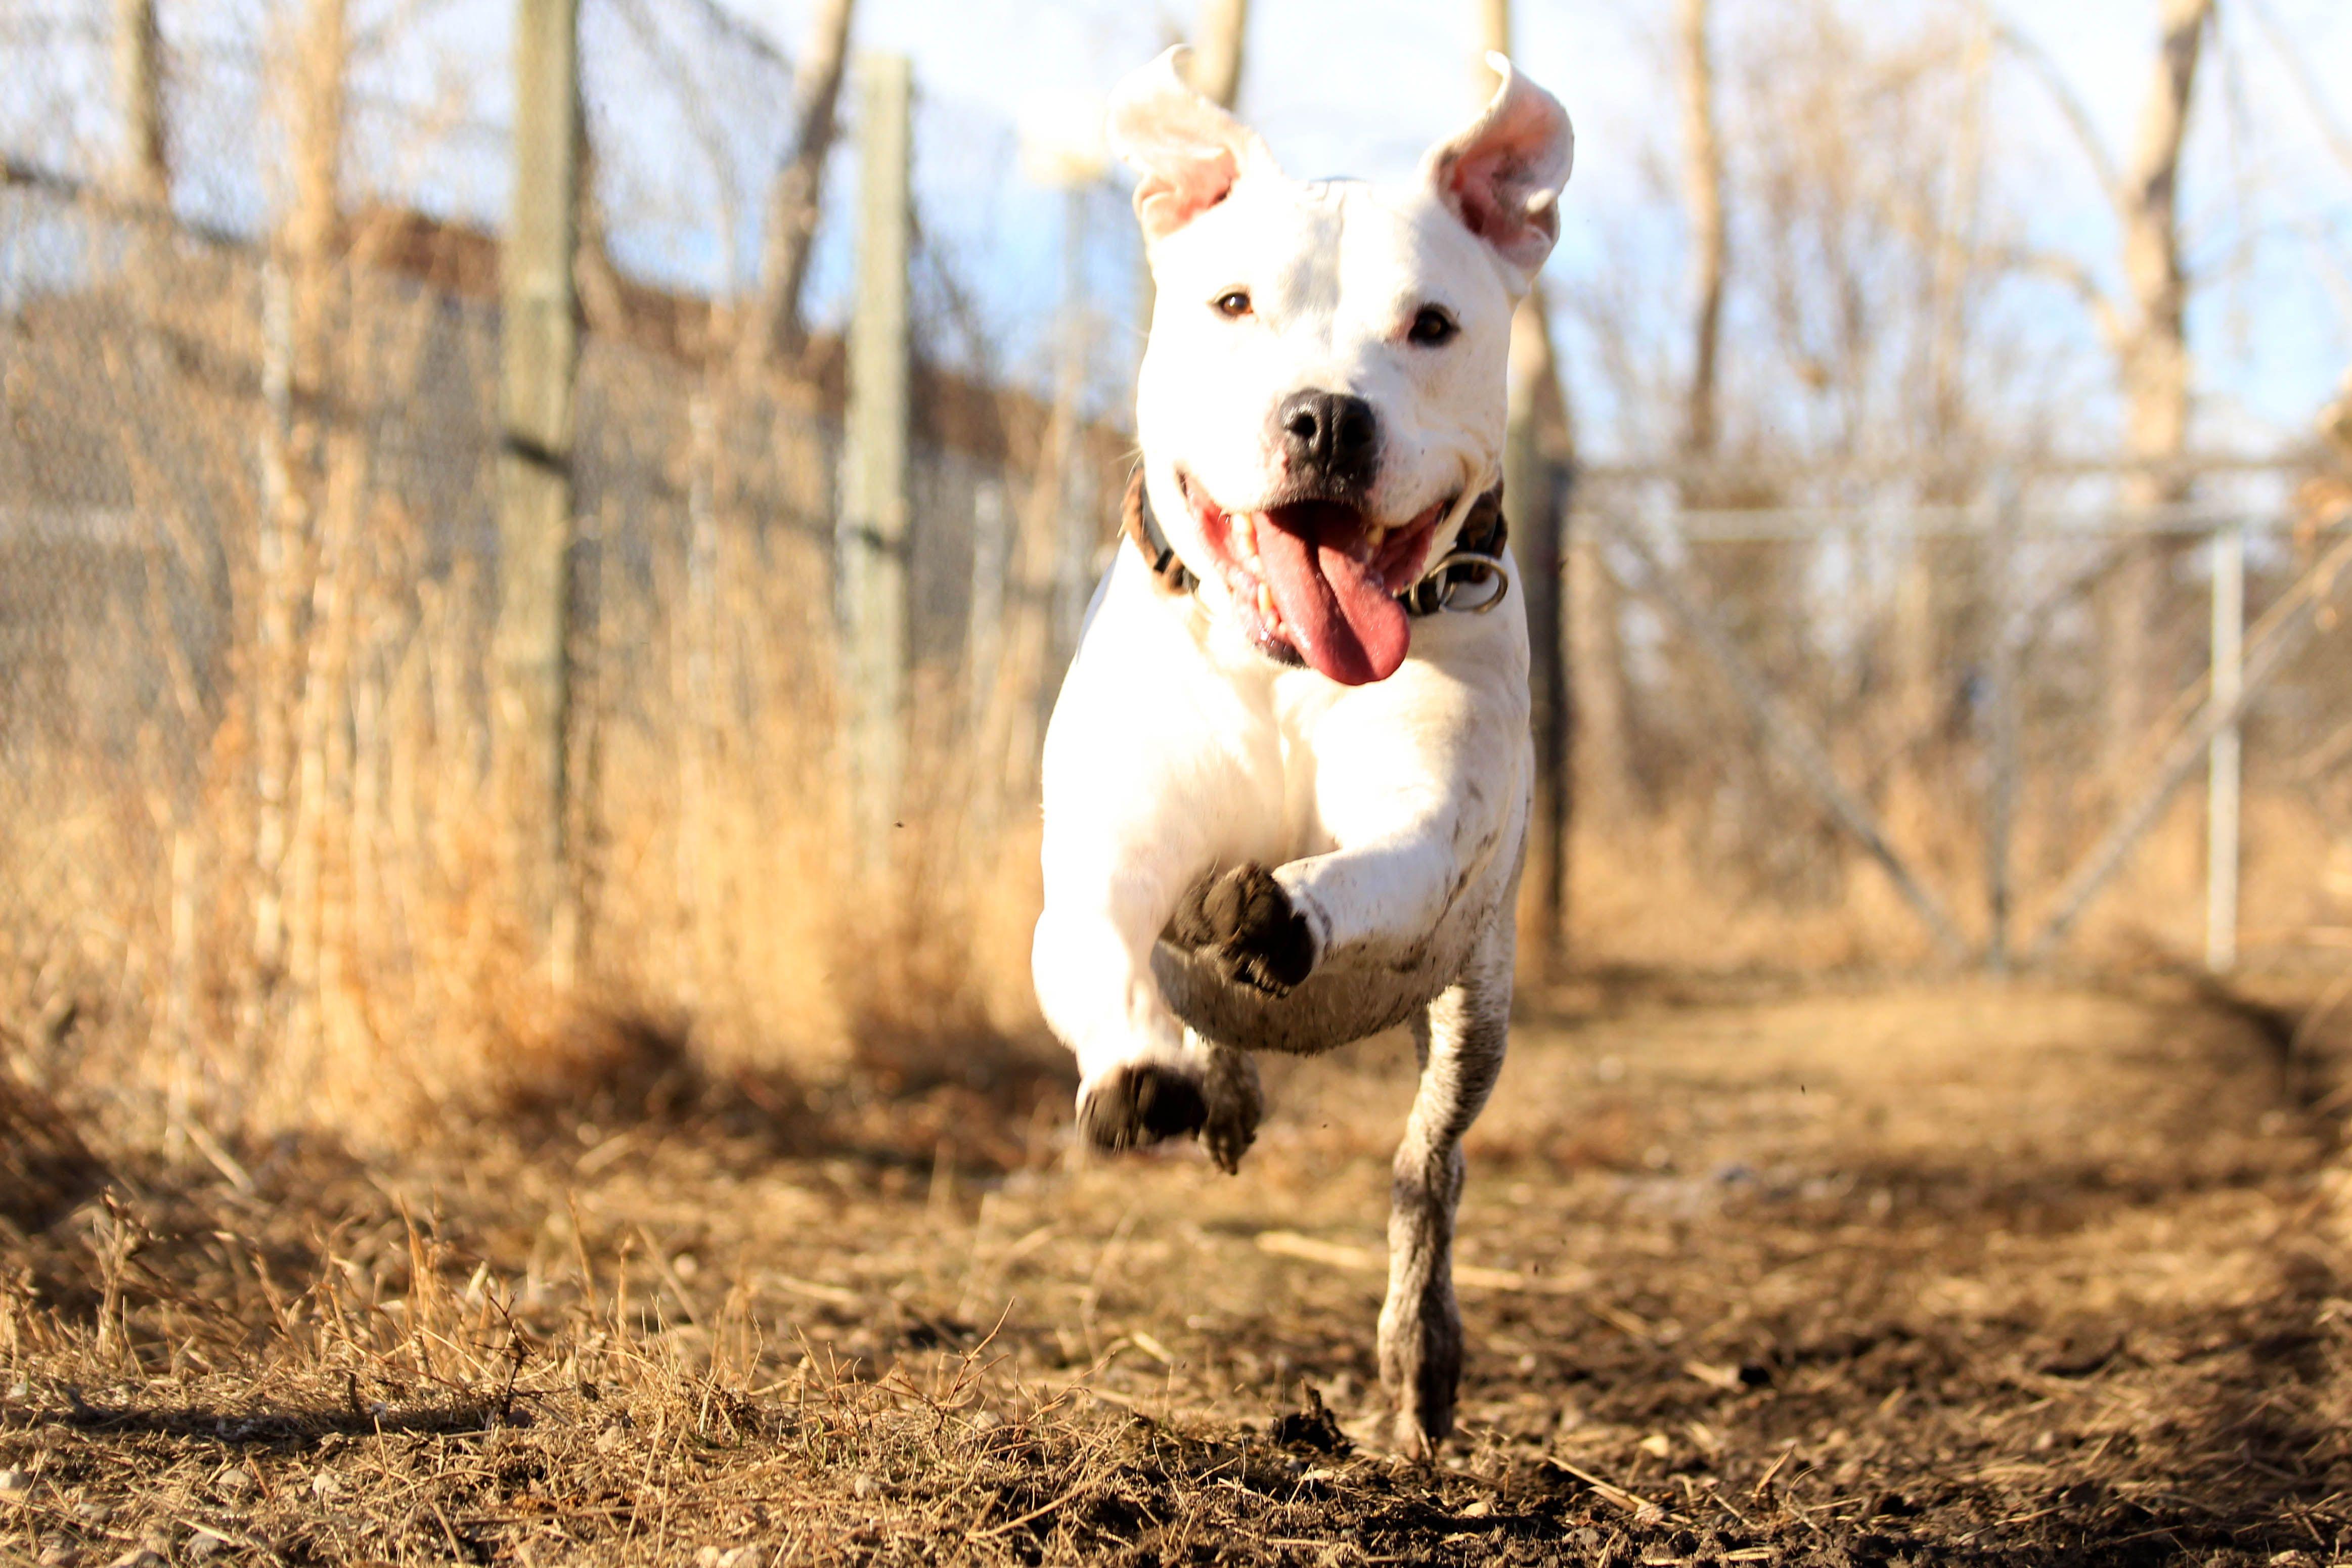 Standard Poodle Puppy Storm Poodle Puppy Standard Poodle Poodle Puppy Standard